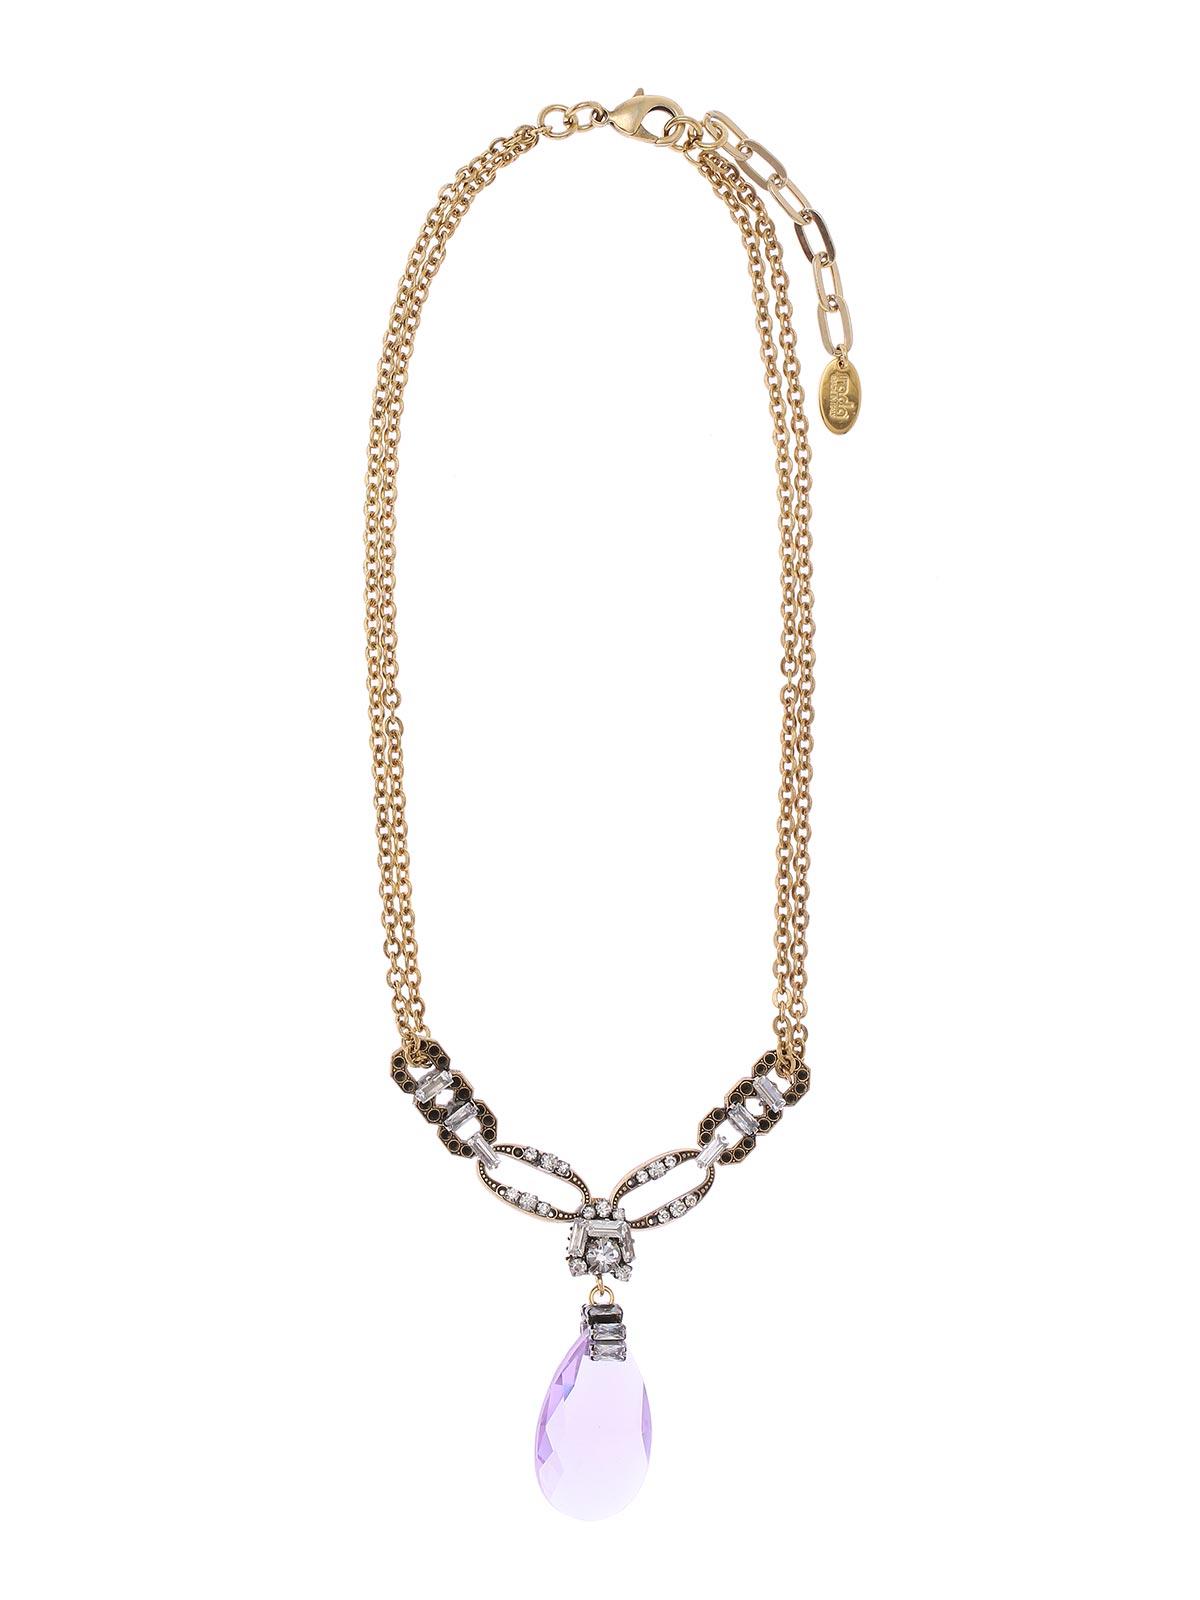 Collana in ottone con decorazione centrale di cristalli e pendente gioiello